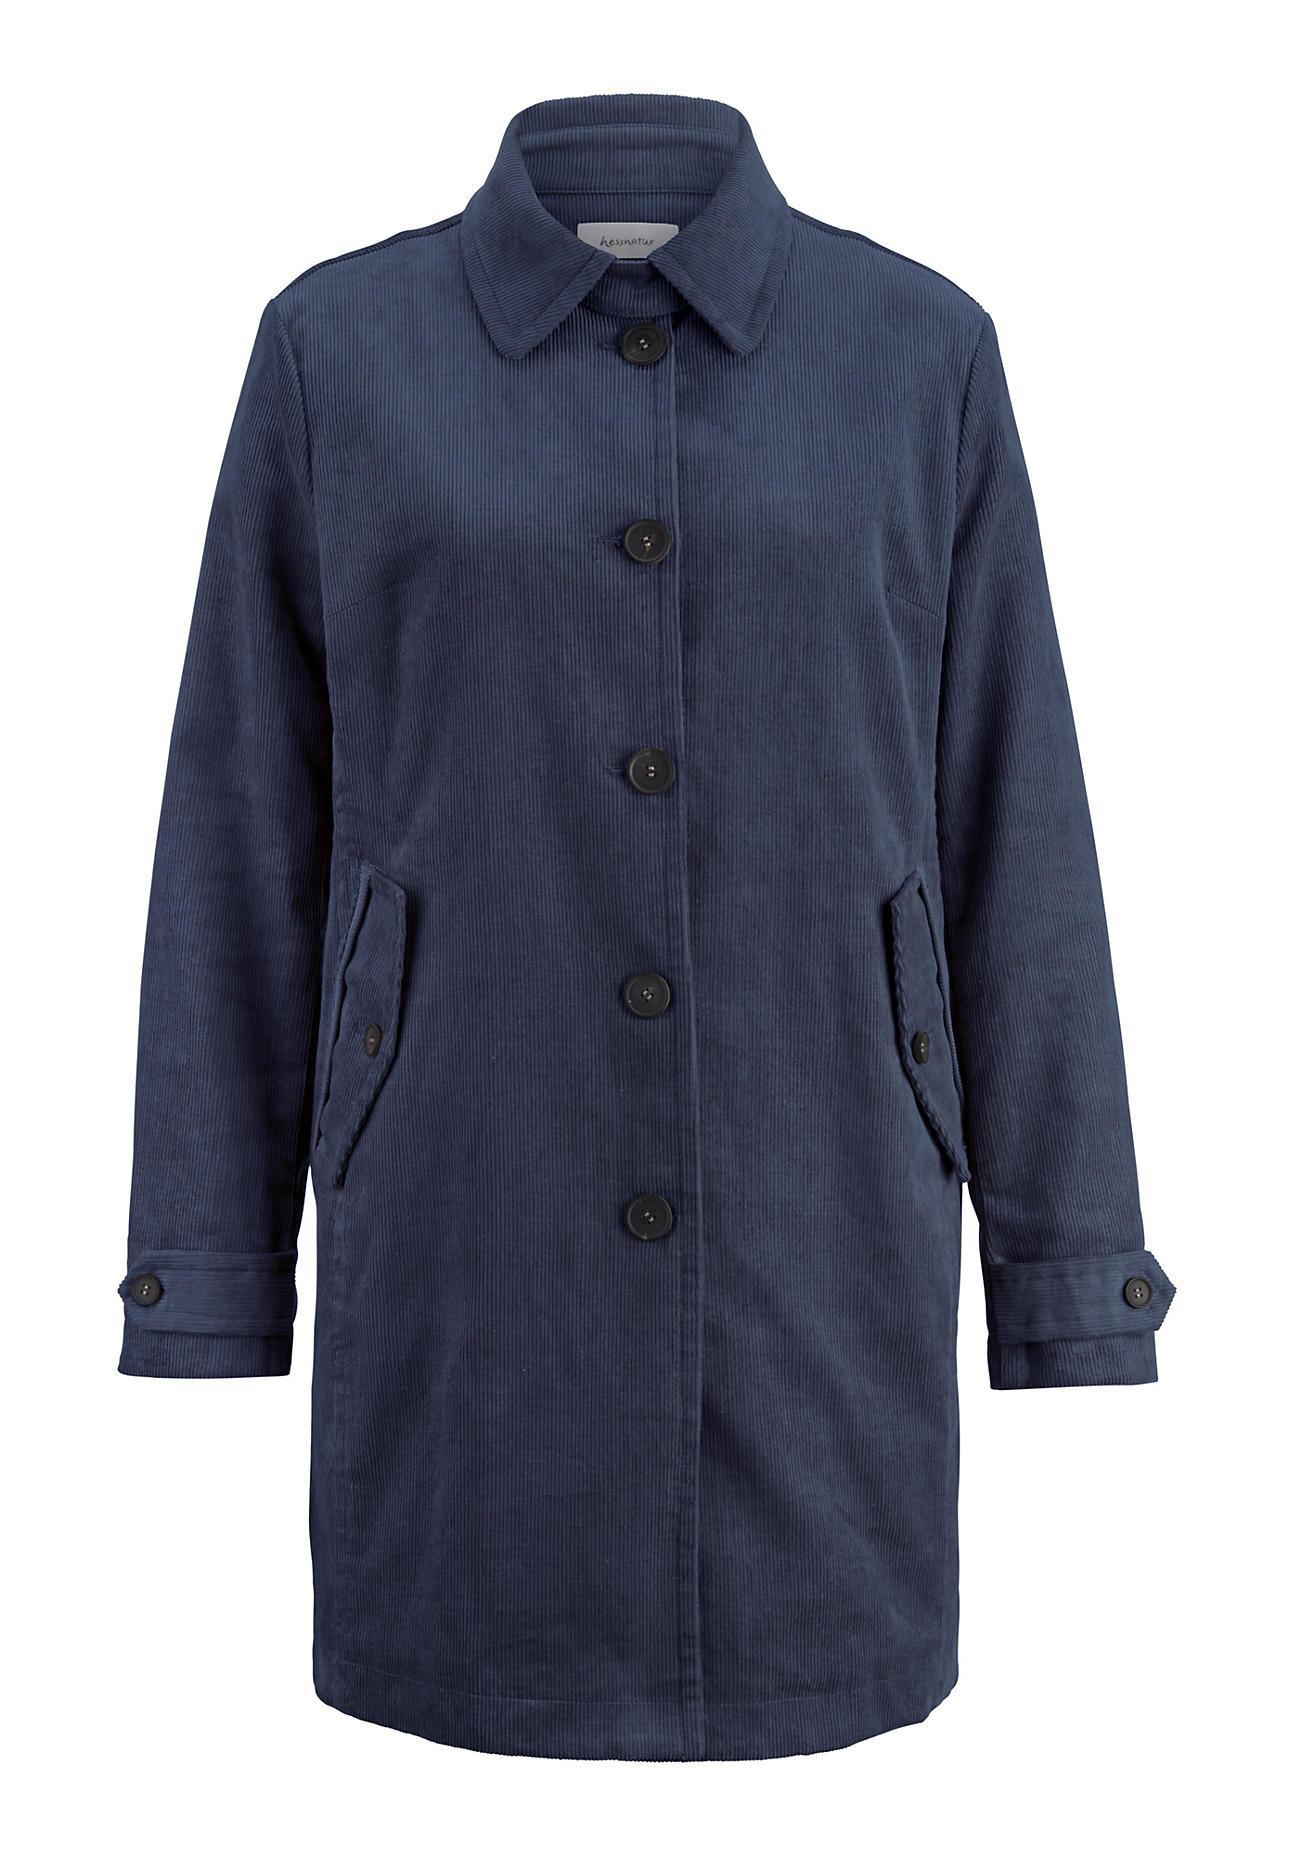 hessnatur Damen Cord Jacke aus Hanf mit Bio-Baumwolle – blau – Größe 46   Bekleidung > Jacken > Cordjacken   hessnatur